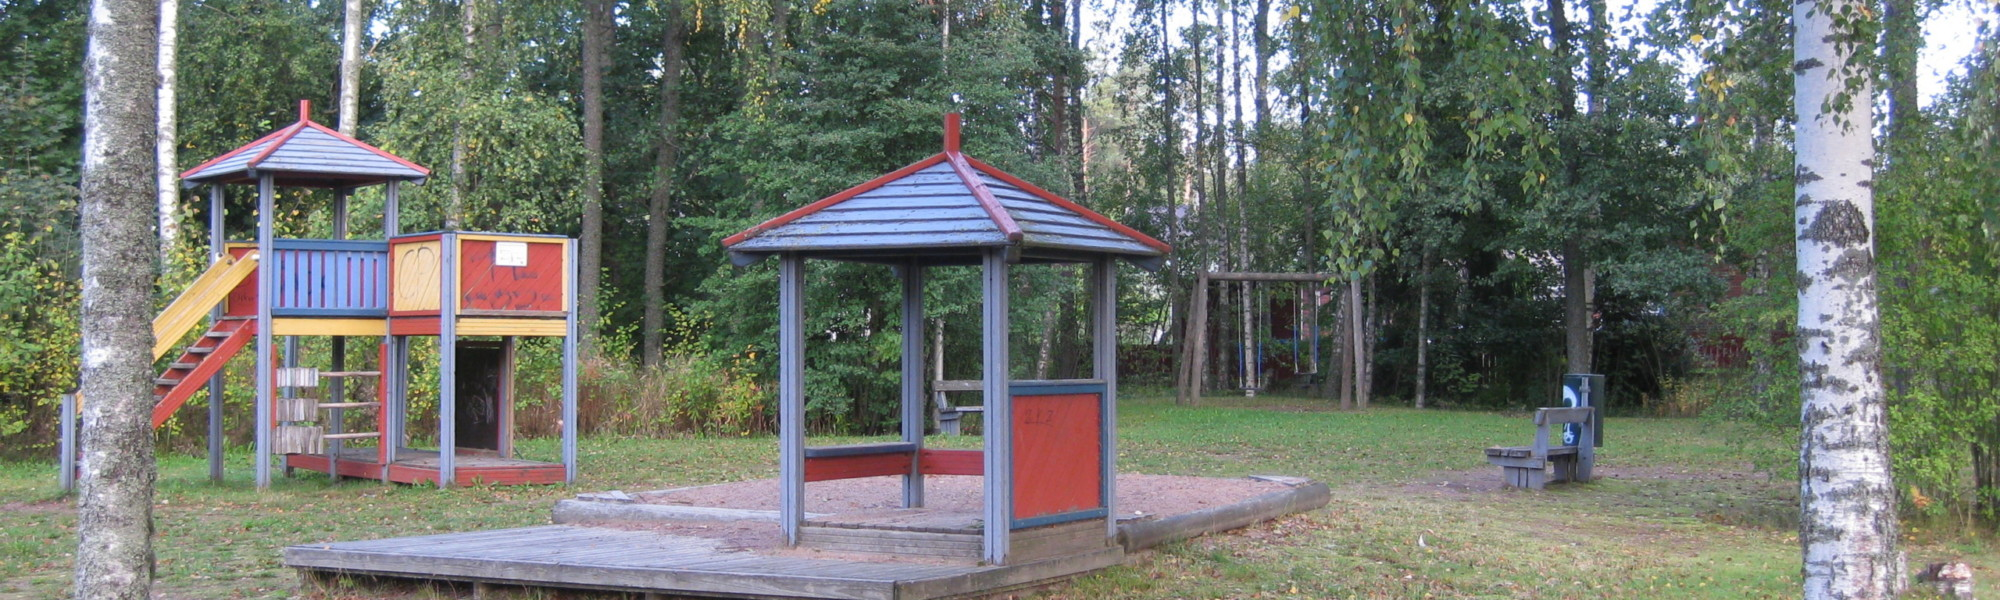 Kuvassa on Kumarruspuuntien leikkipaikka